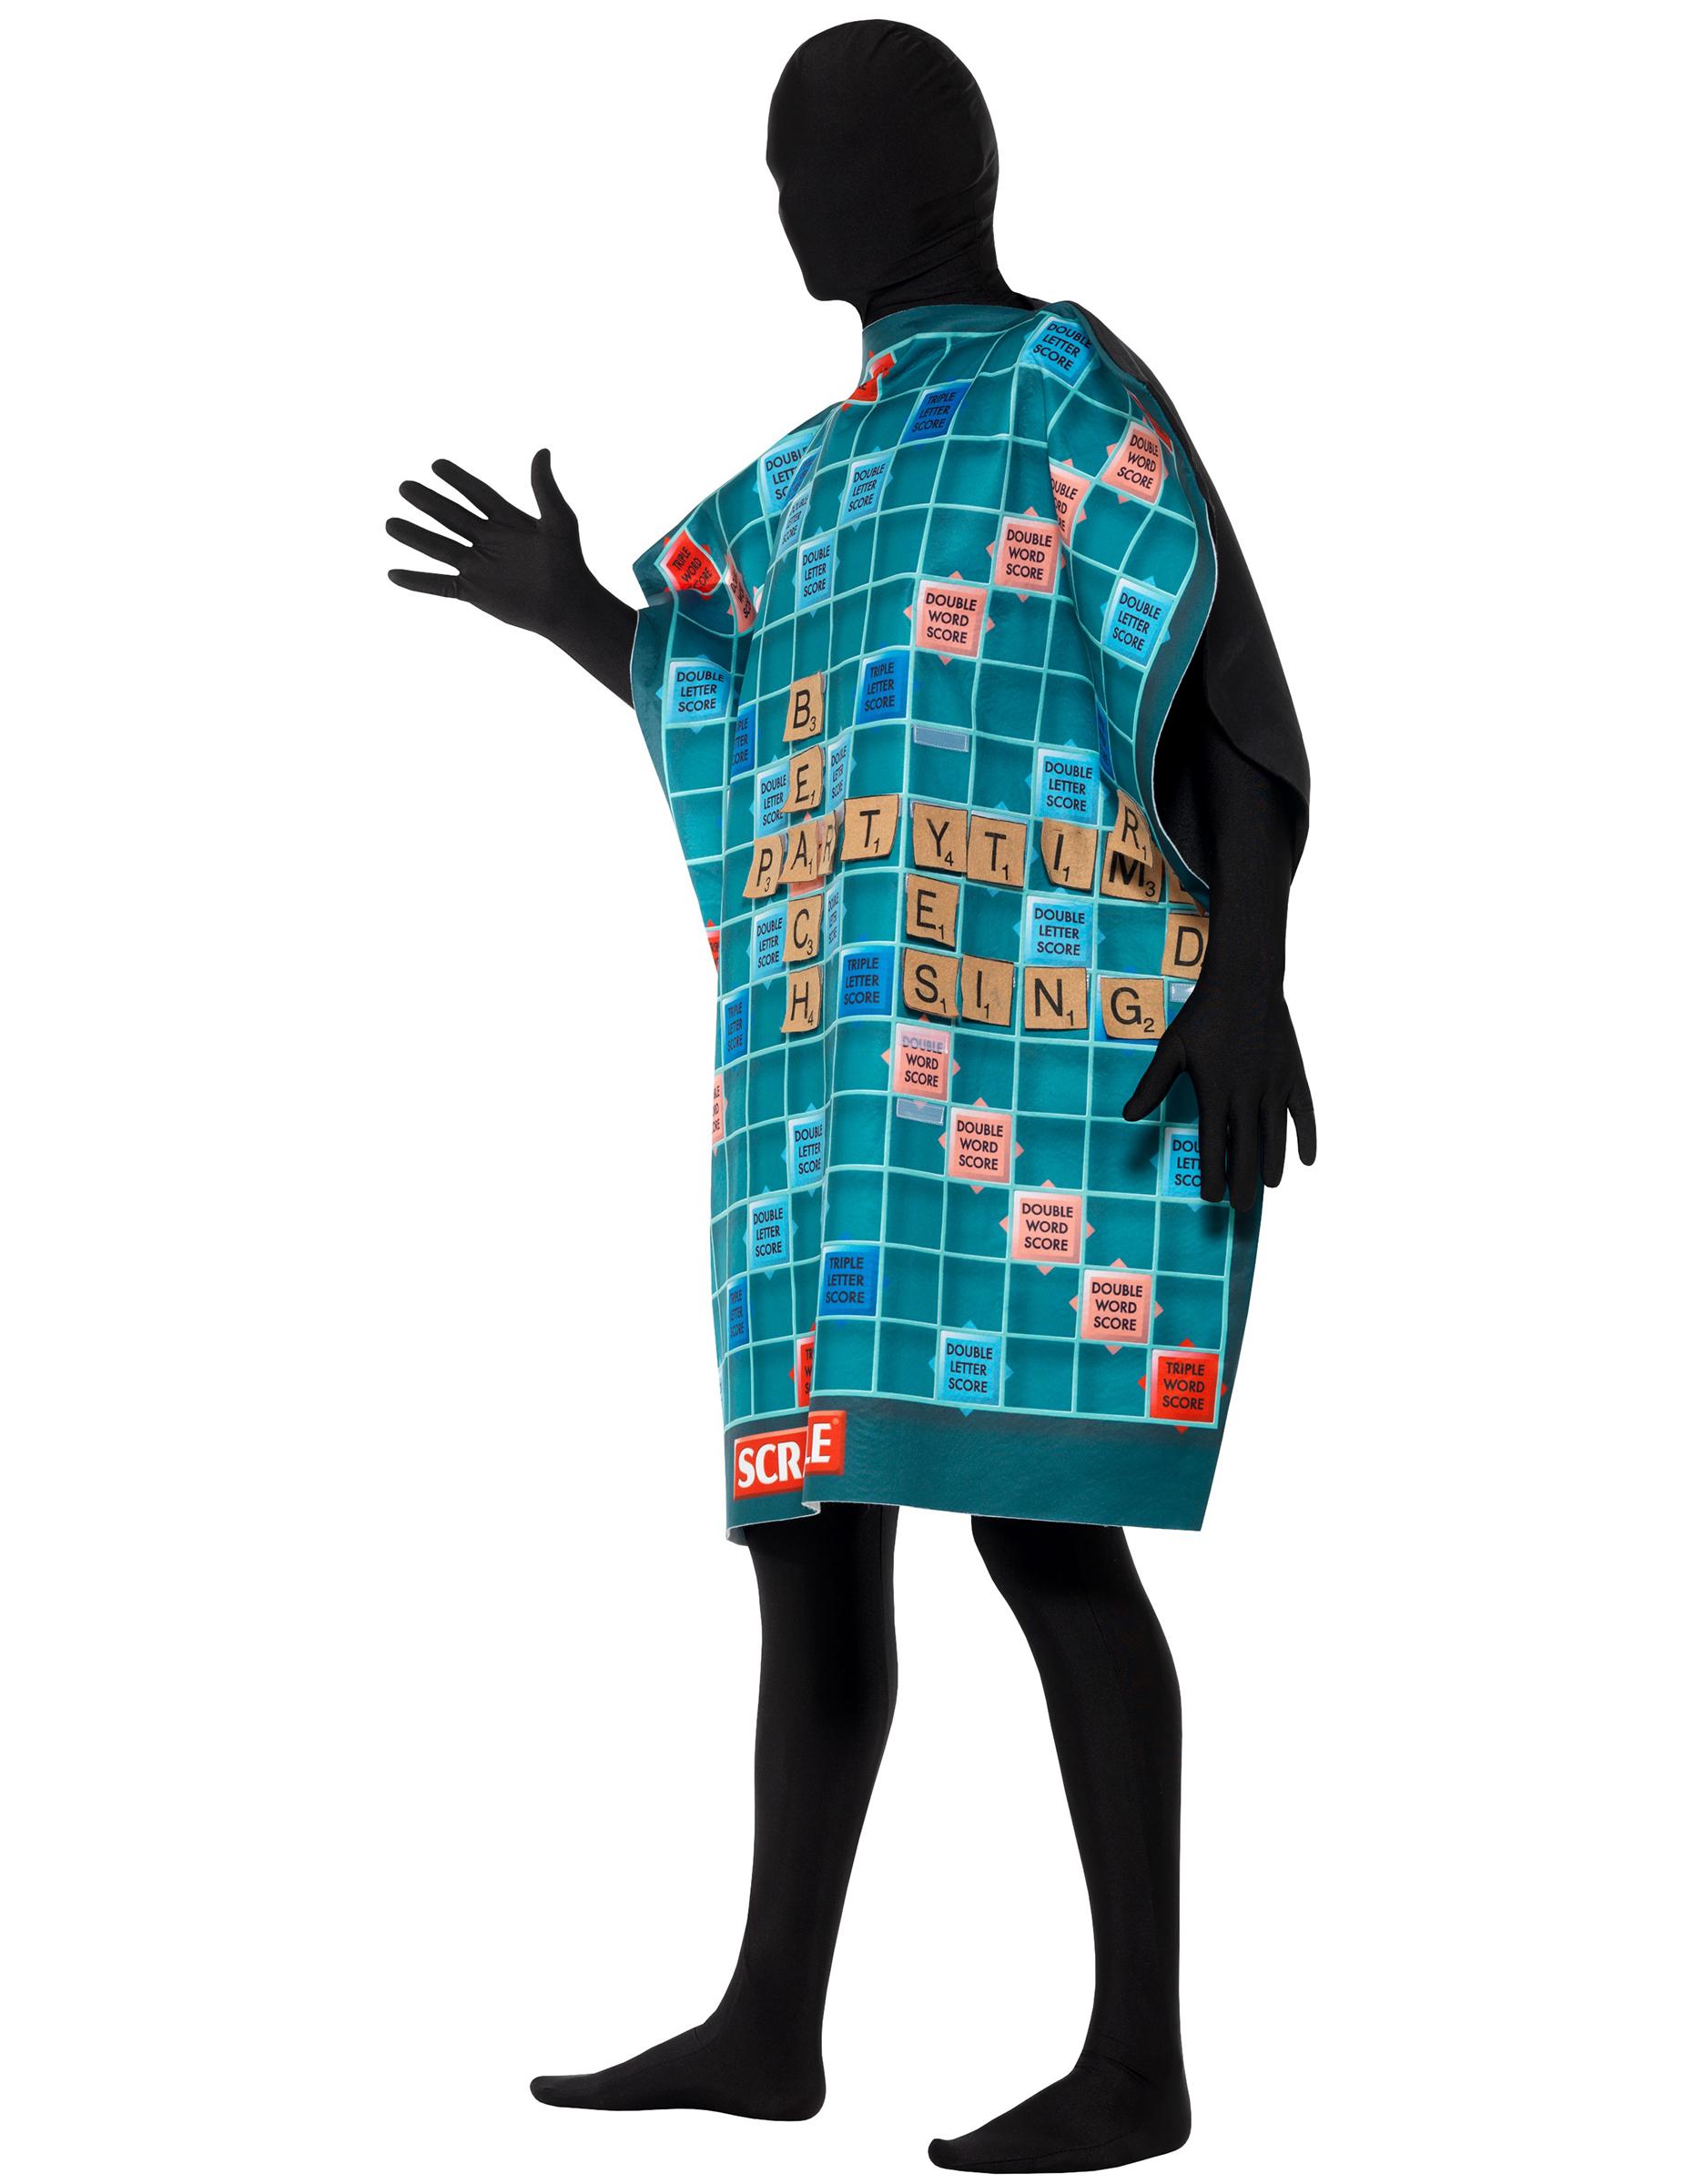 Déguisement jeu de Scrabble™ adulte   Deguise-toi eaa3c75df6a